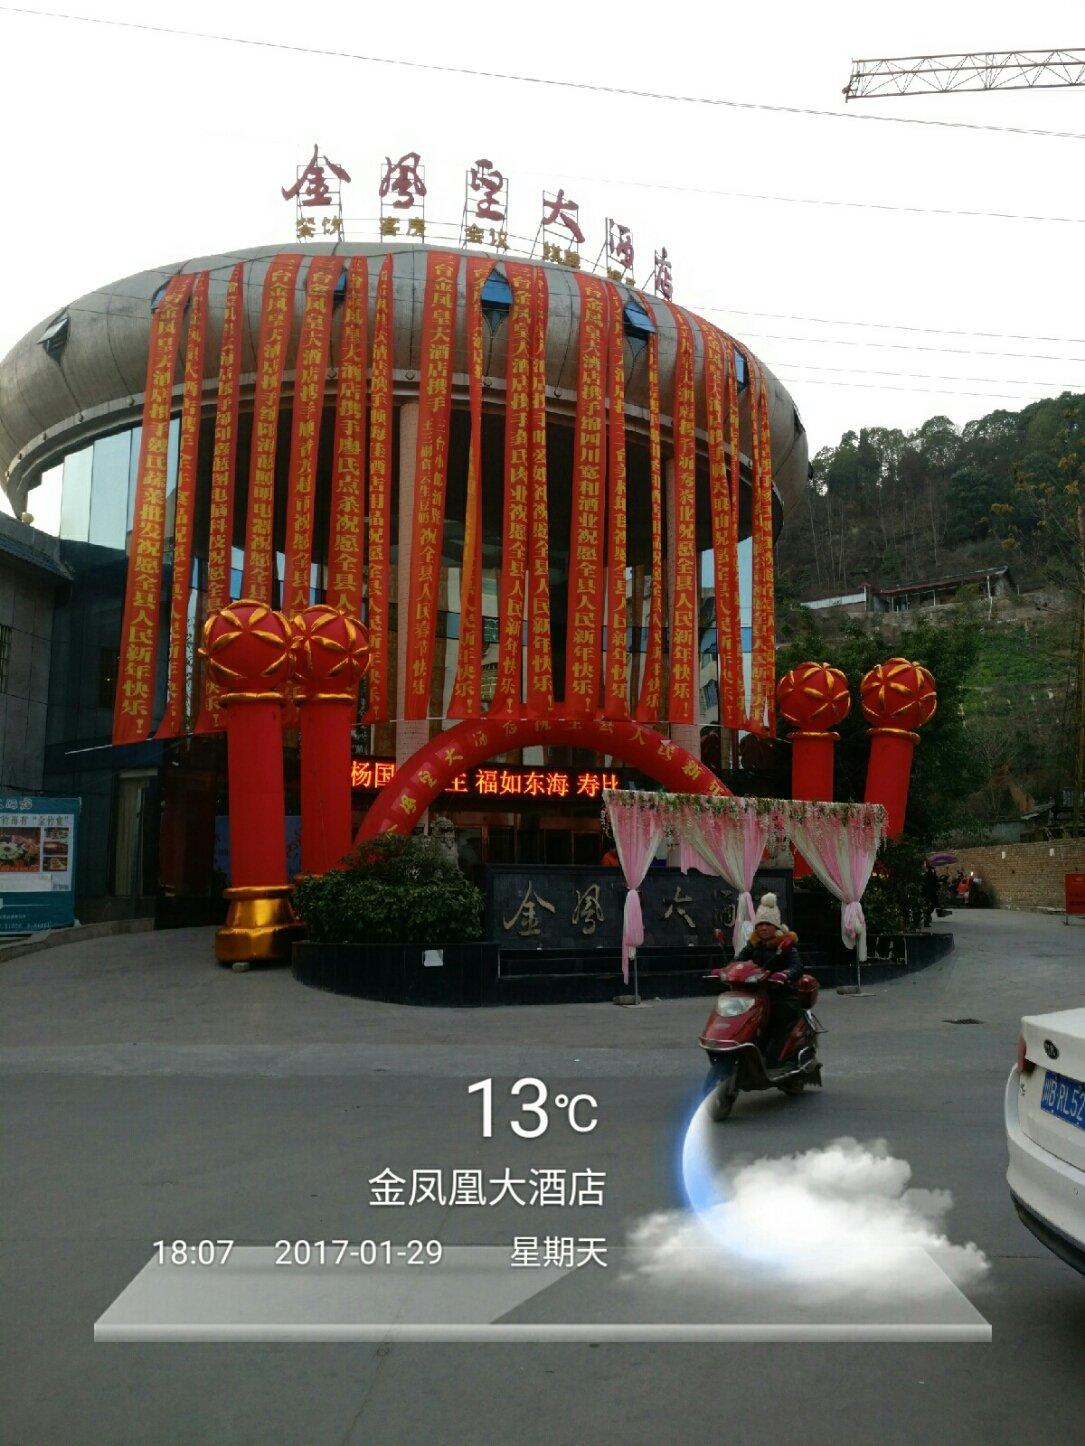 四川省绵阳市三台县北坝镇酪香路金凤凰大酒店天气预报